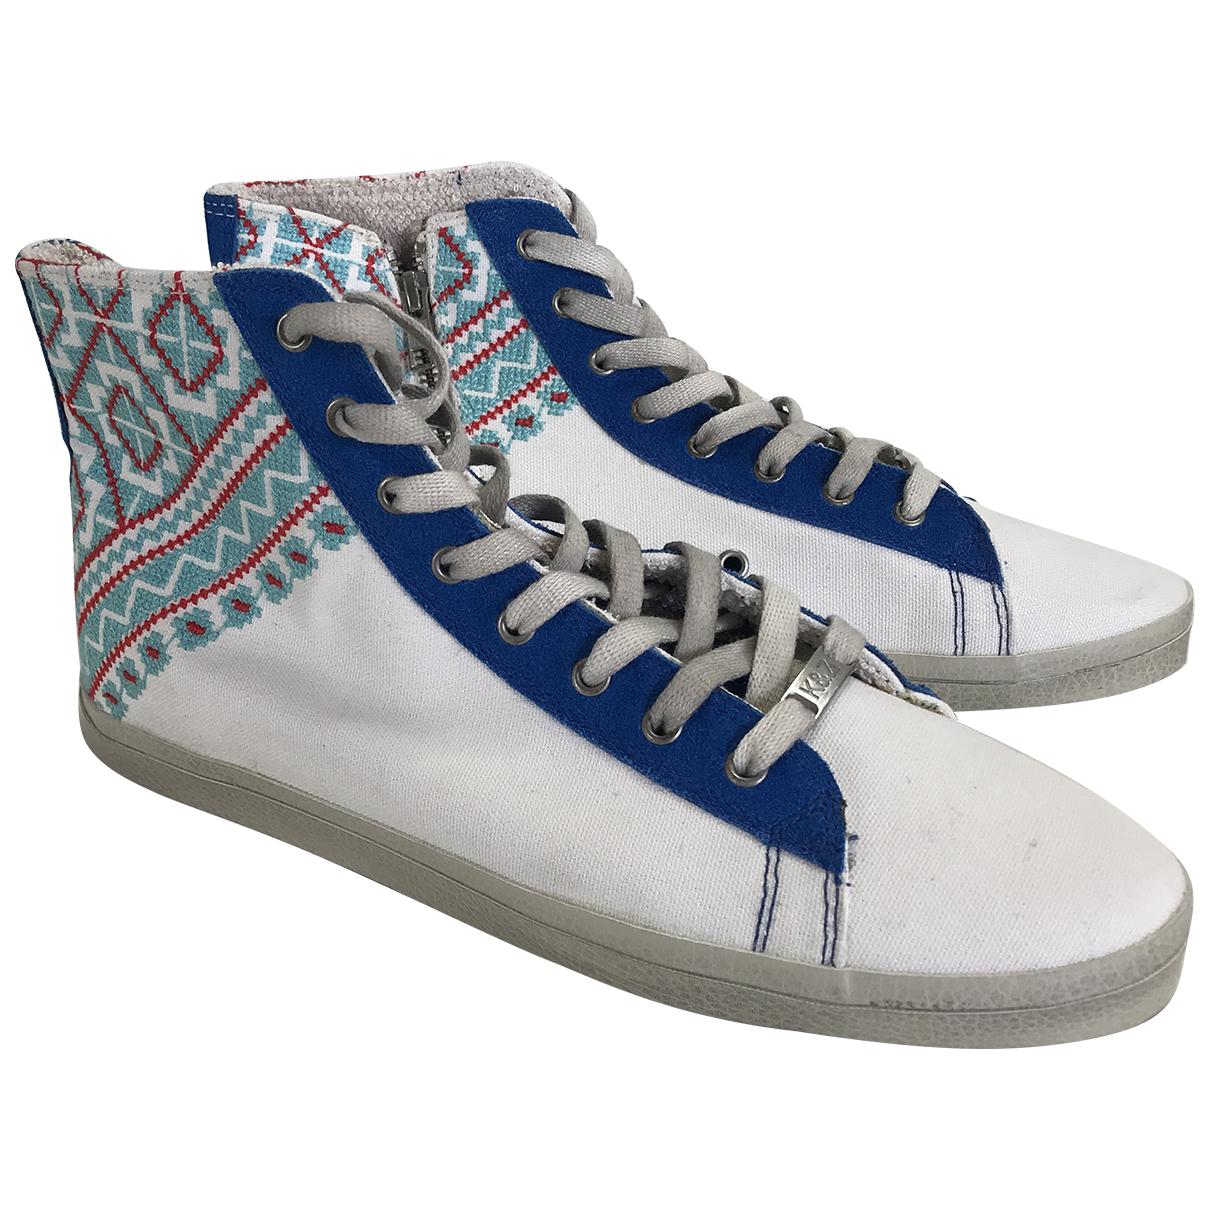 Kim & Zozi \N Sneakers in  Weiss Leinen